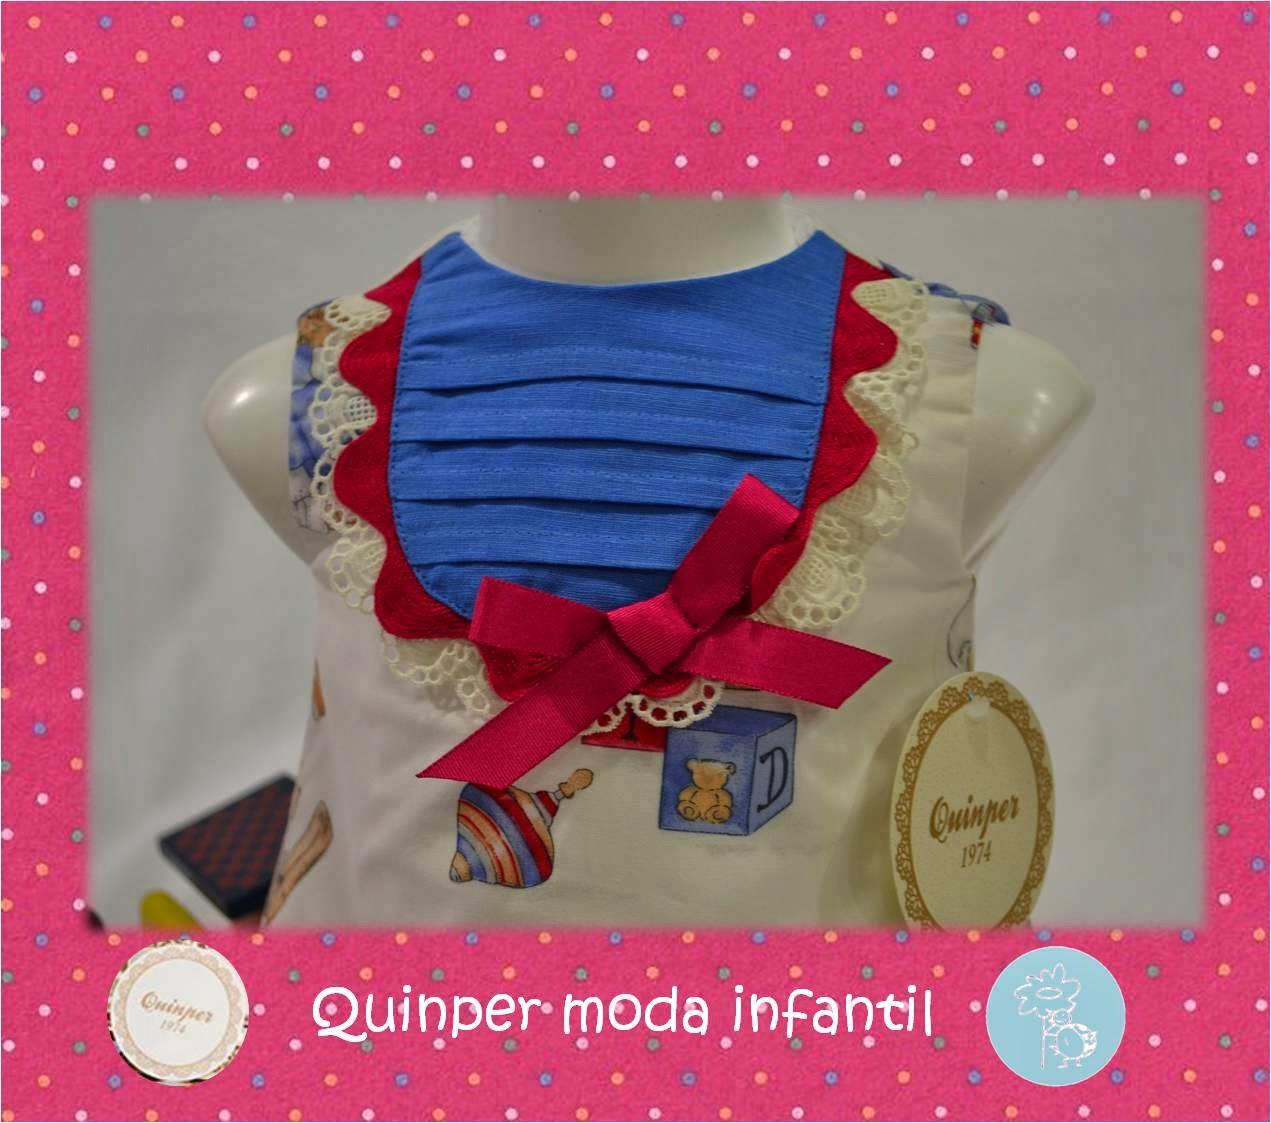 Jesusito Quinper en Blog Retamal moda infantil y bebe